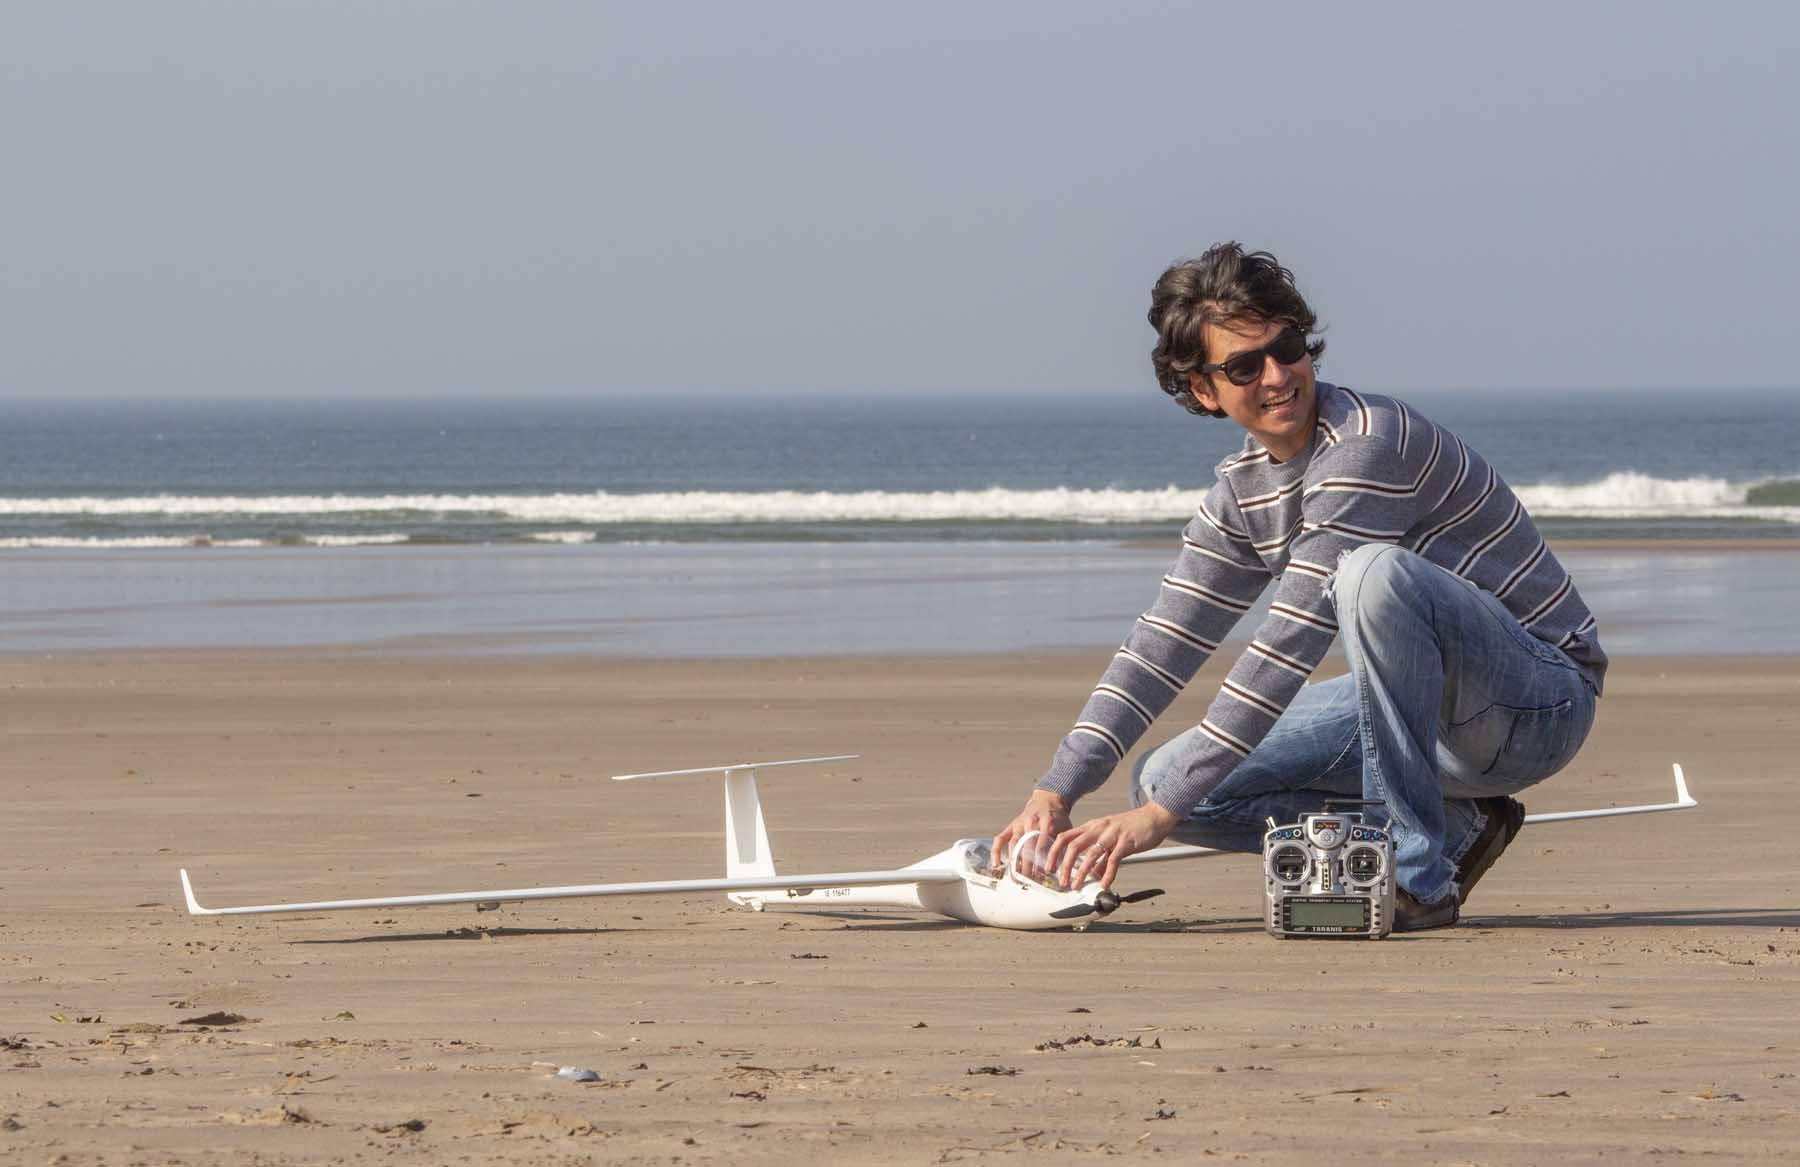 planeador preparativos playa